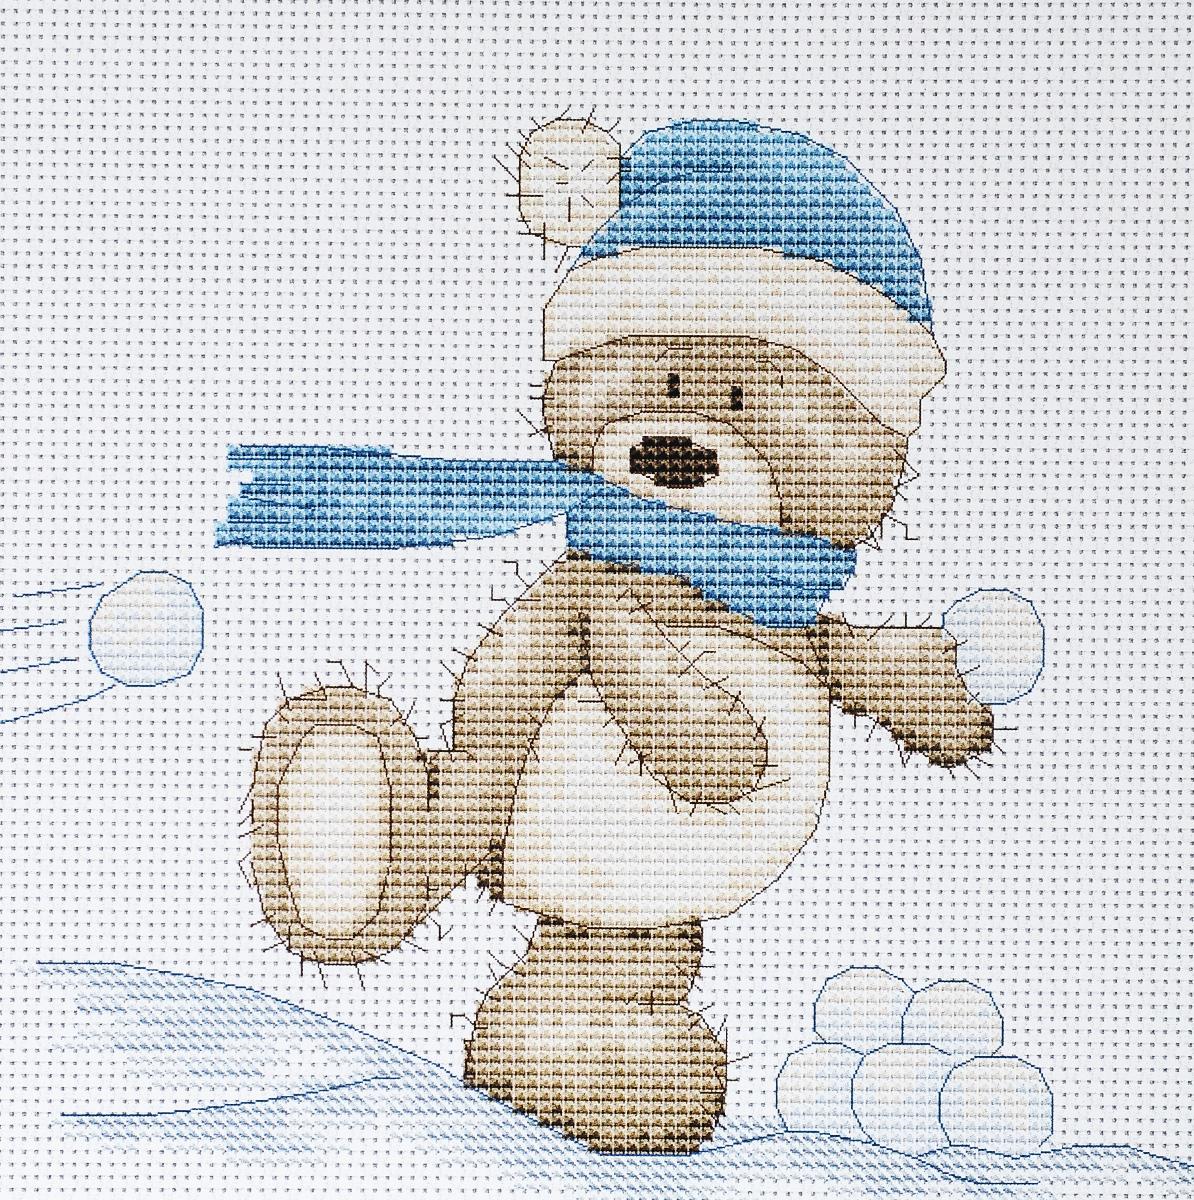 Набор для вышивания крестом Luca-S Медвежонок Бруно, 16 х 14 смB1003Набор для вышивания крестом Luca-S Медвежонок Бруно поможет создать красивую вышитую картину. Рисунок-вышивка, выполненный на канве, выглядит стильно и модно. Вышивание отвлечет вас от повседневных забот и превратится в увлекательное занятие! Работа, сделанная своими руками, не только украсит интерьер дома, придав ему уют и оригинальность, но и будет отличным подарком для друзей и близких! Набор содержит все необходимые материалы для вышивки на канве в технике счетный крест. В набор входит: - канва Aida 16 Zweigart (белого цвета), - нитки мулине Anchor - 100% мерсеризованный хлопок (15 цветов), - черно-белая символьная схема, - инструкция на русском языке, - игла.